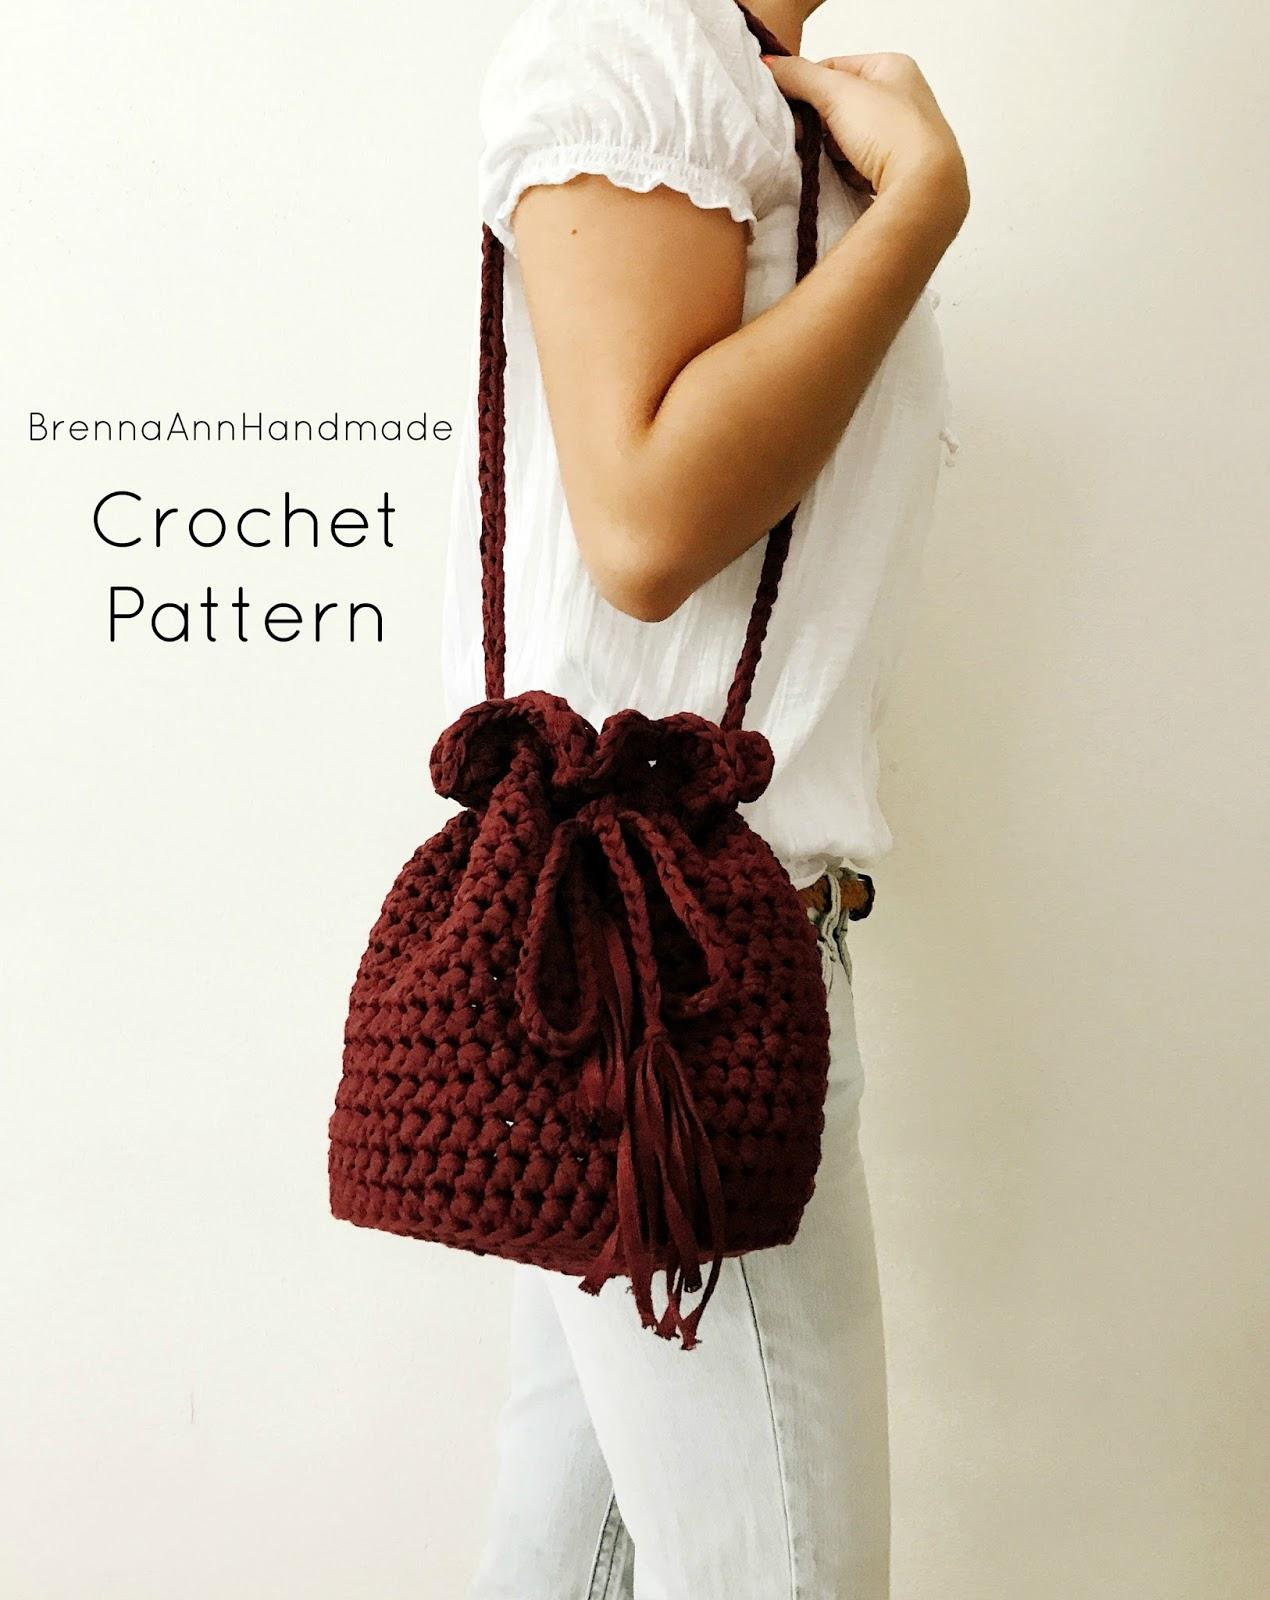 Brenna Ann Handmade: NEW Crochet Pattern - The Sunset Purse